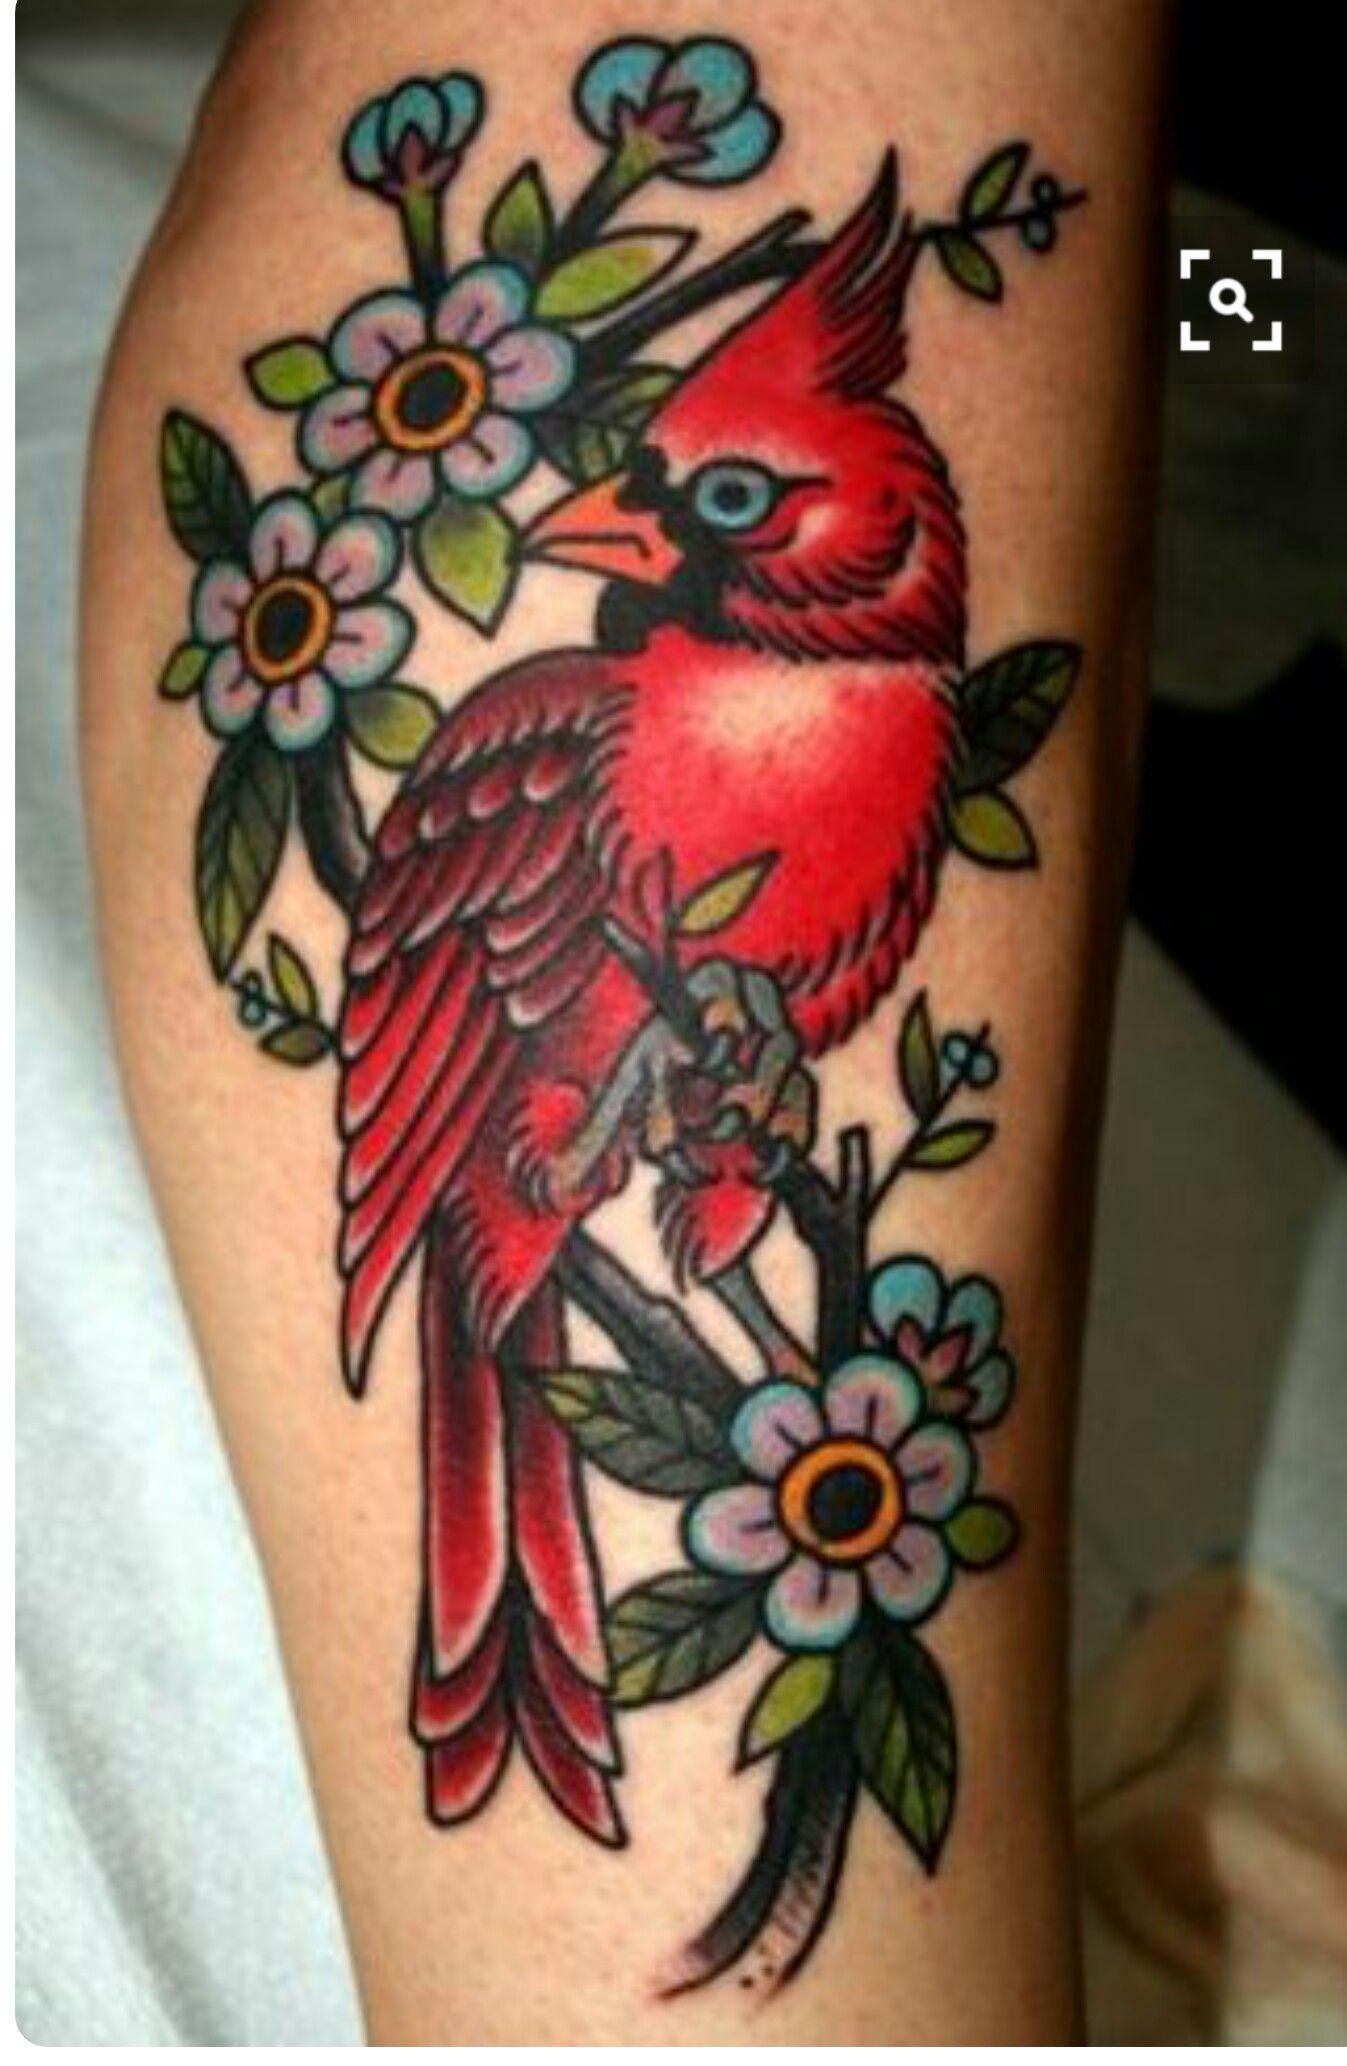 Cardinal and tree branch sick tattoo tattoos